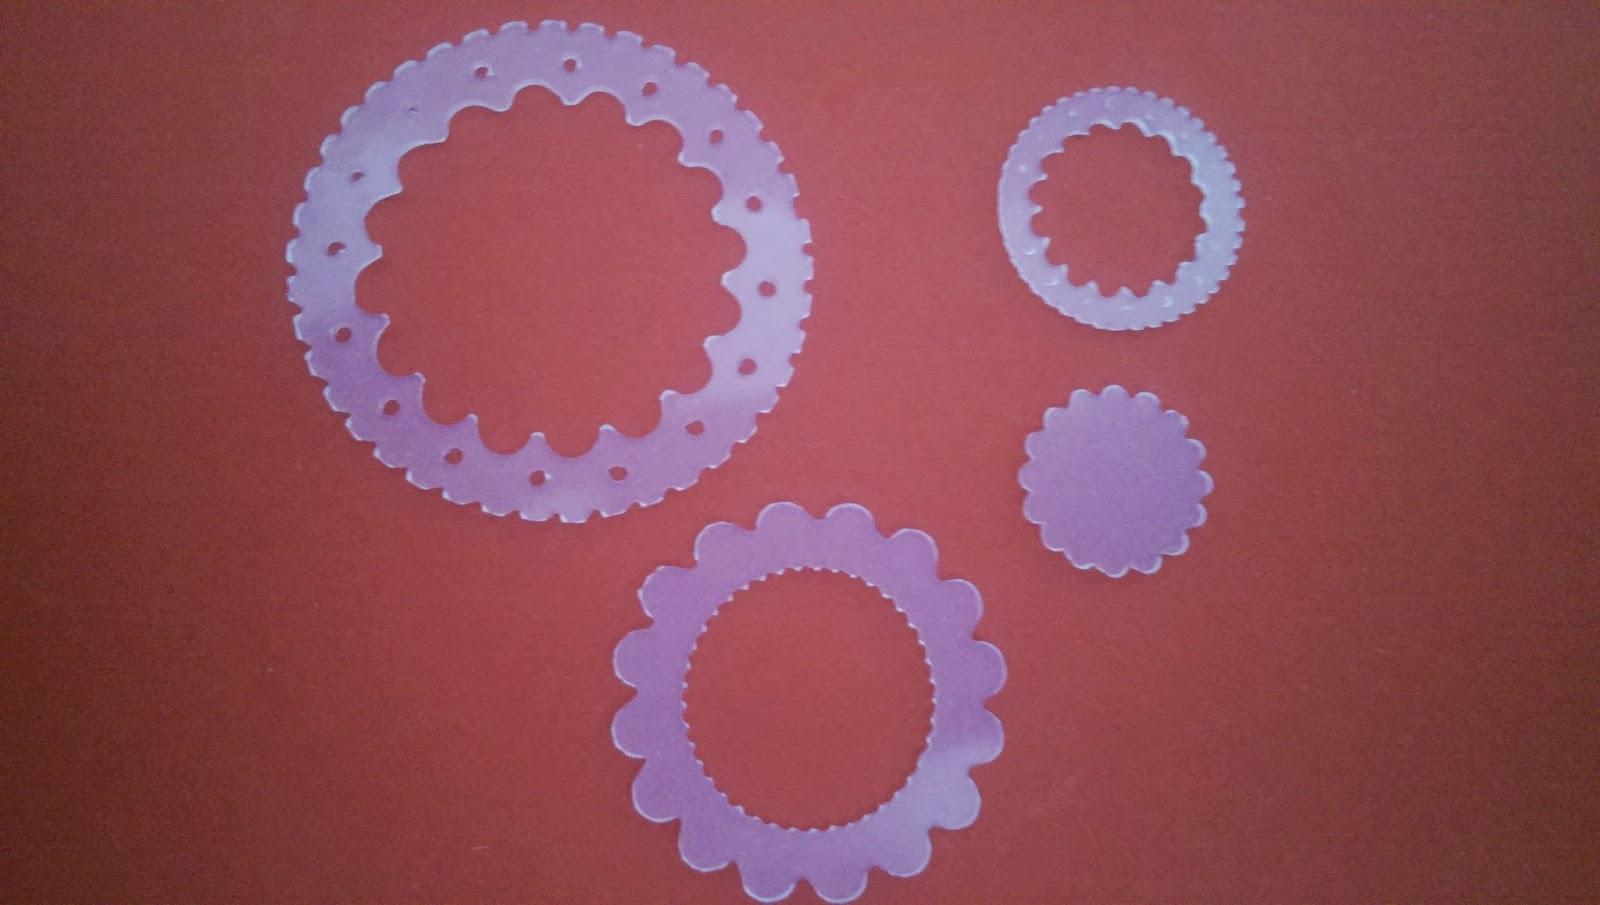 http://www.ebay.de/itm/161388444449?ssPageName=STRK:MESELX:IT&_trksid=p3984.m1558.l2649